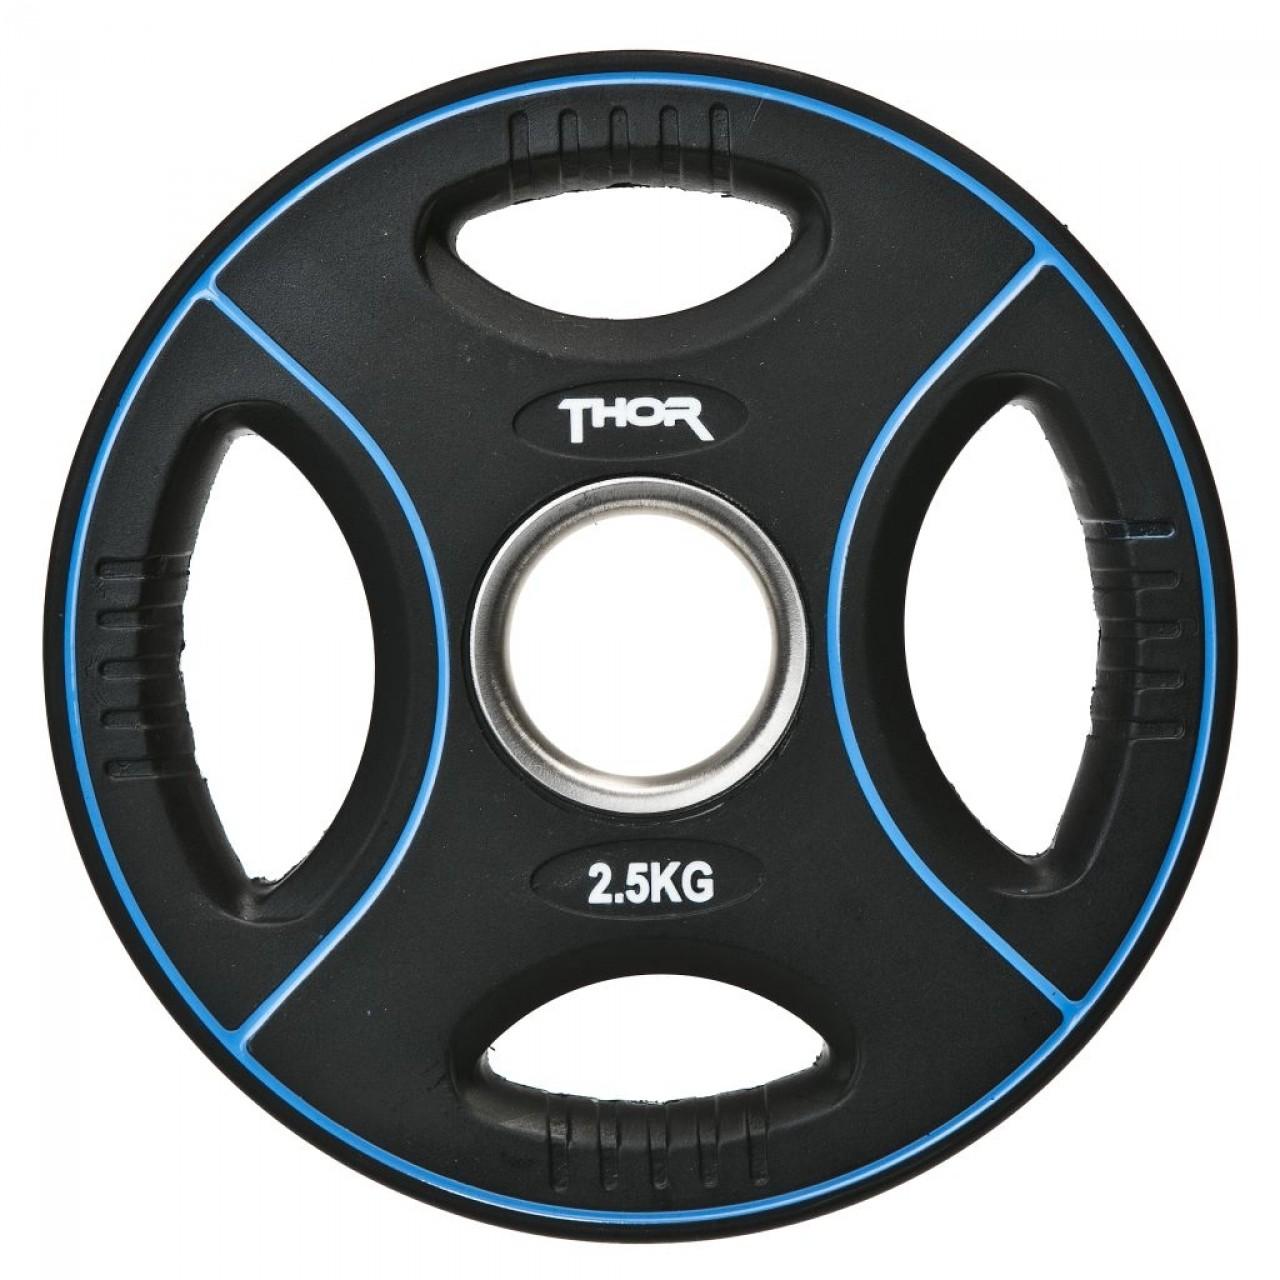 Thor Fitness Vægtskive m. Håndtag 2,5kg (1stk) - Thor Fitness